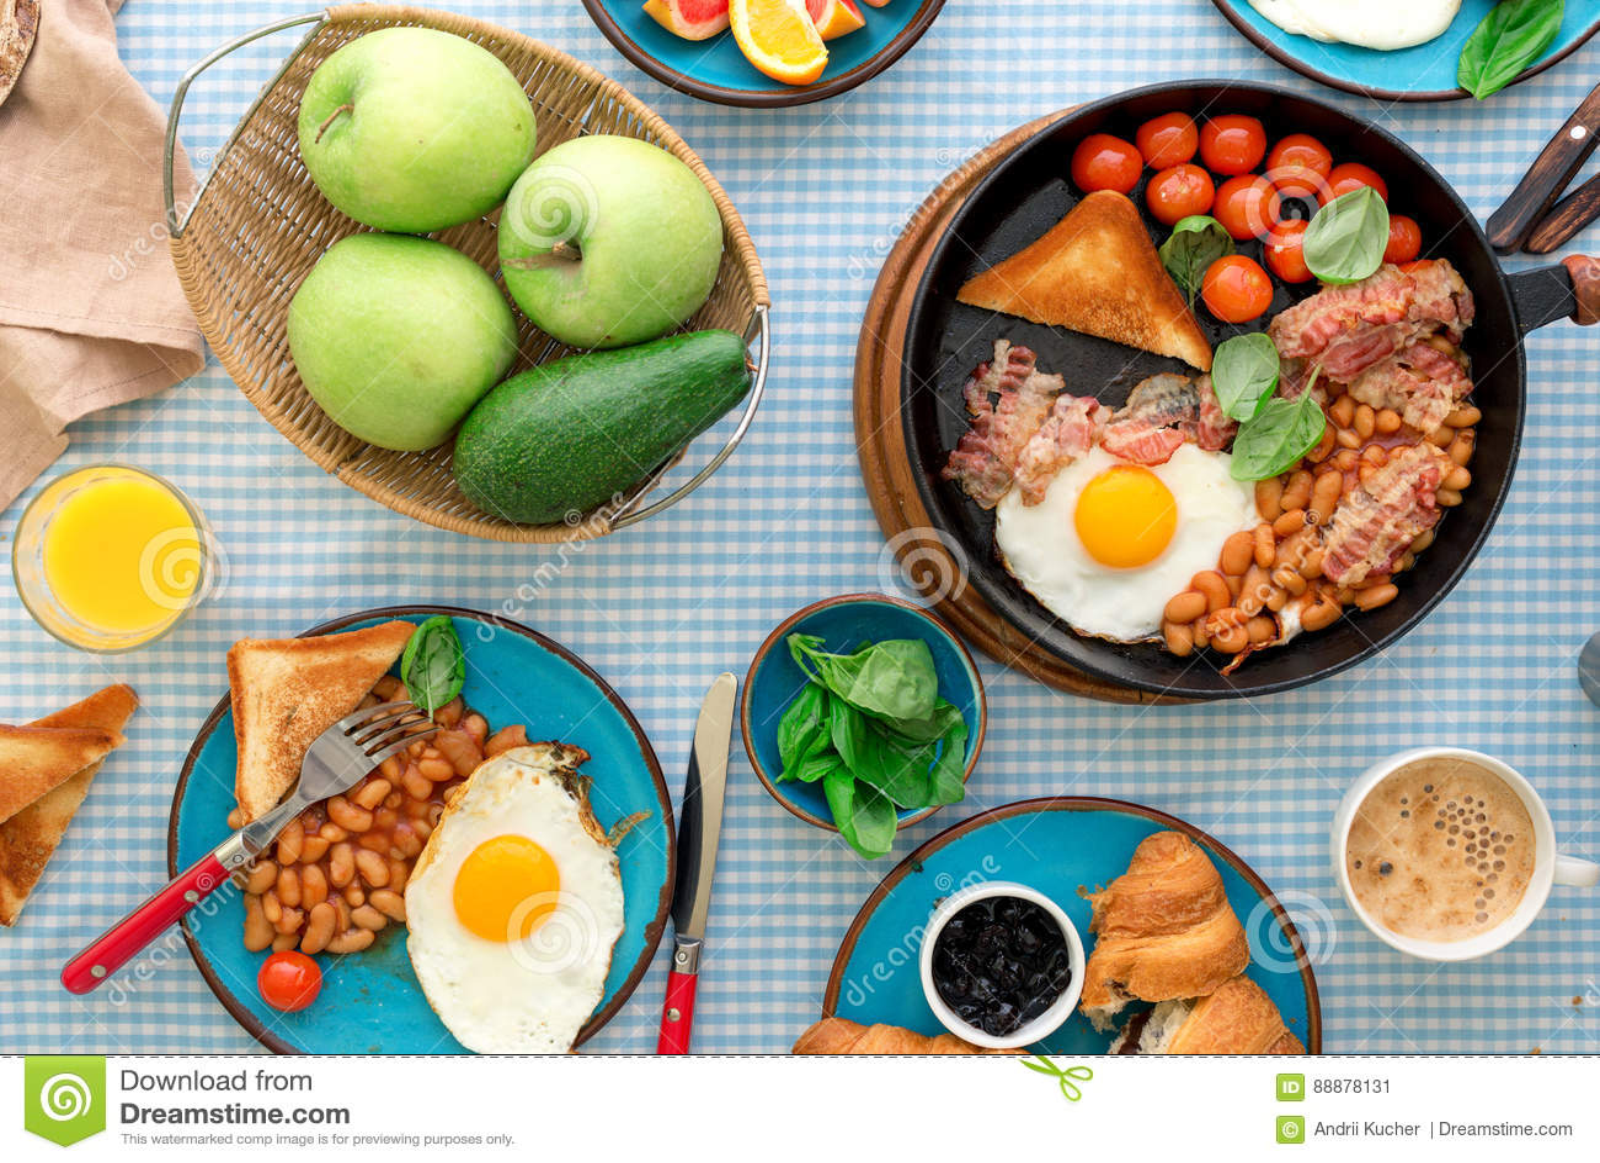 煎蛋,豆,蕃茄,烟肉,敬酒各种各样的果子,汁液,